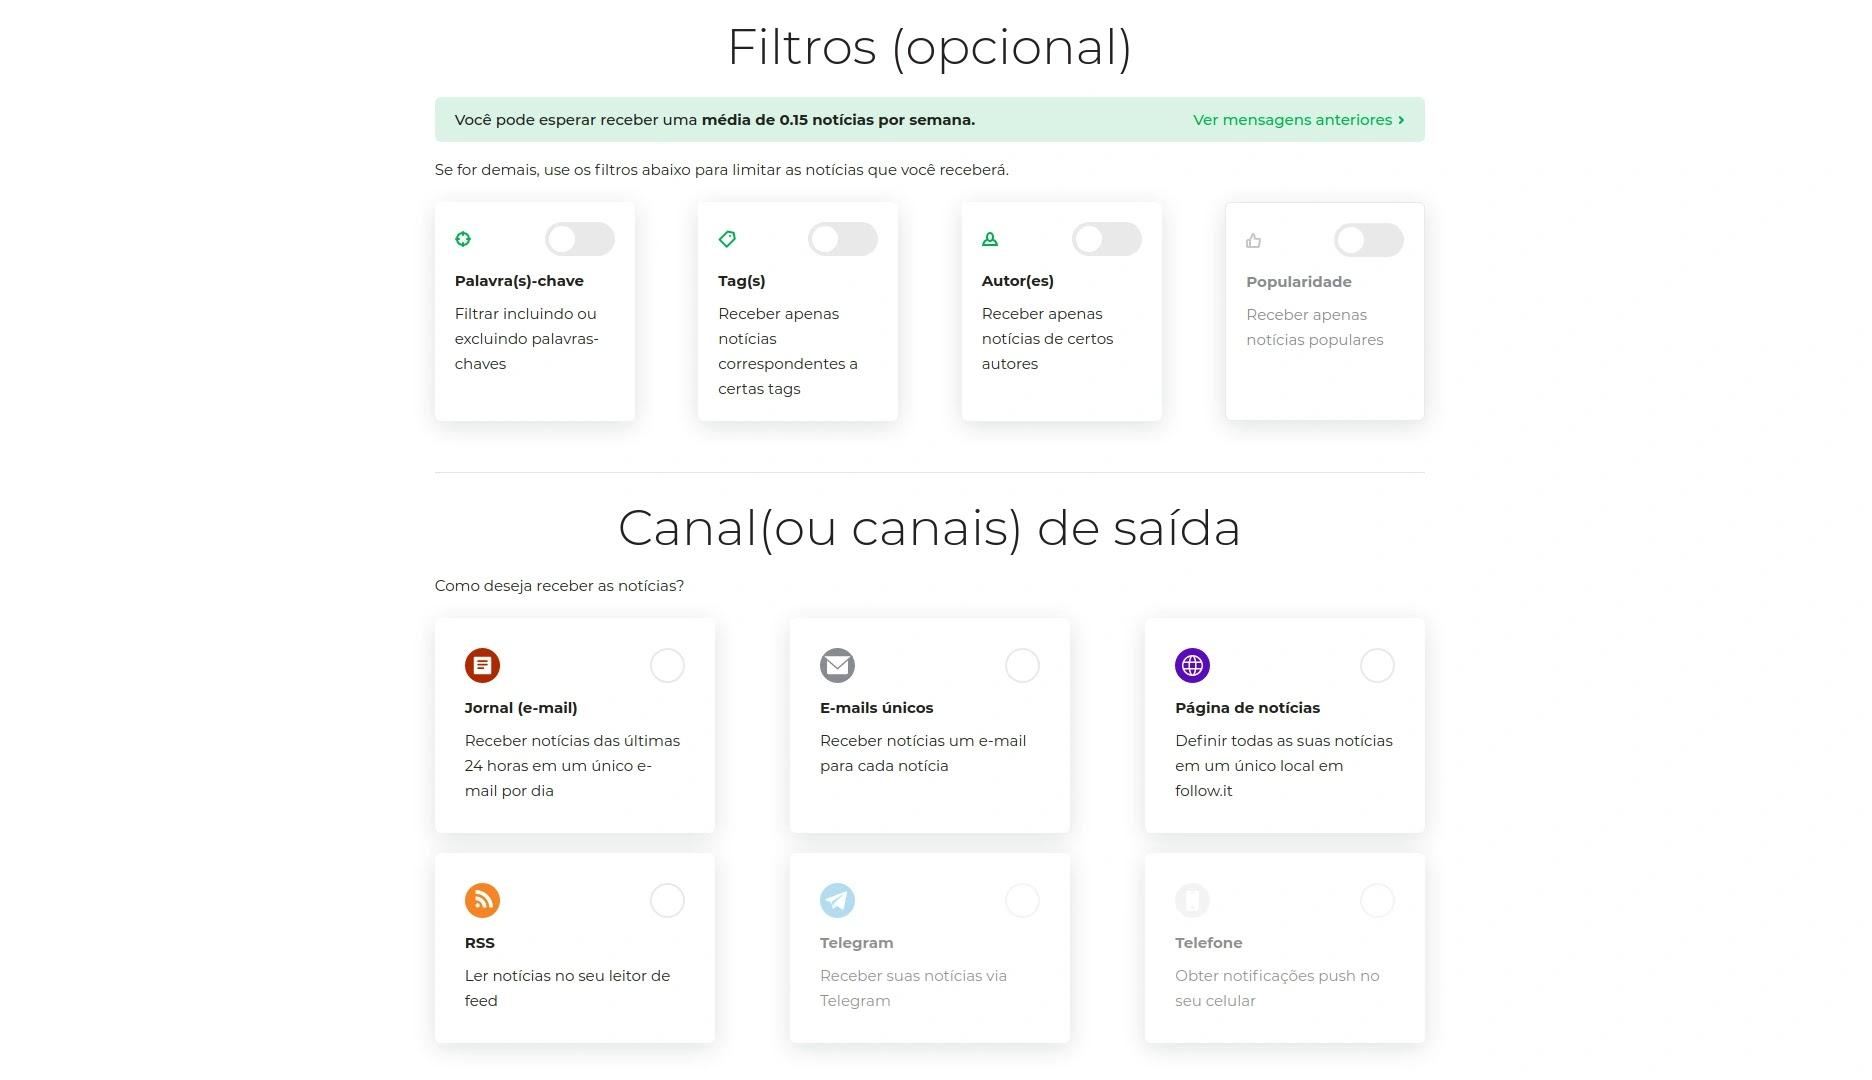 Opções de filtros e Canais de saída do follow.it